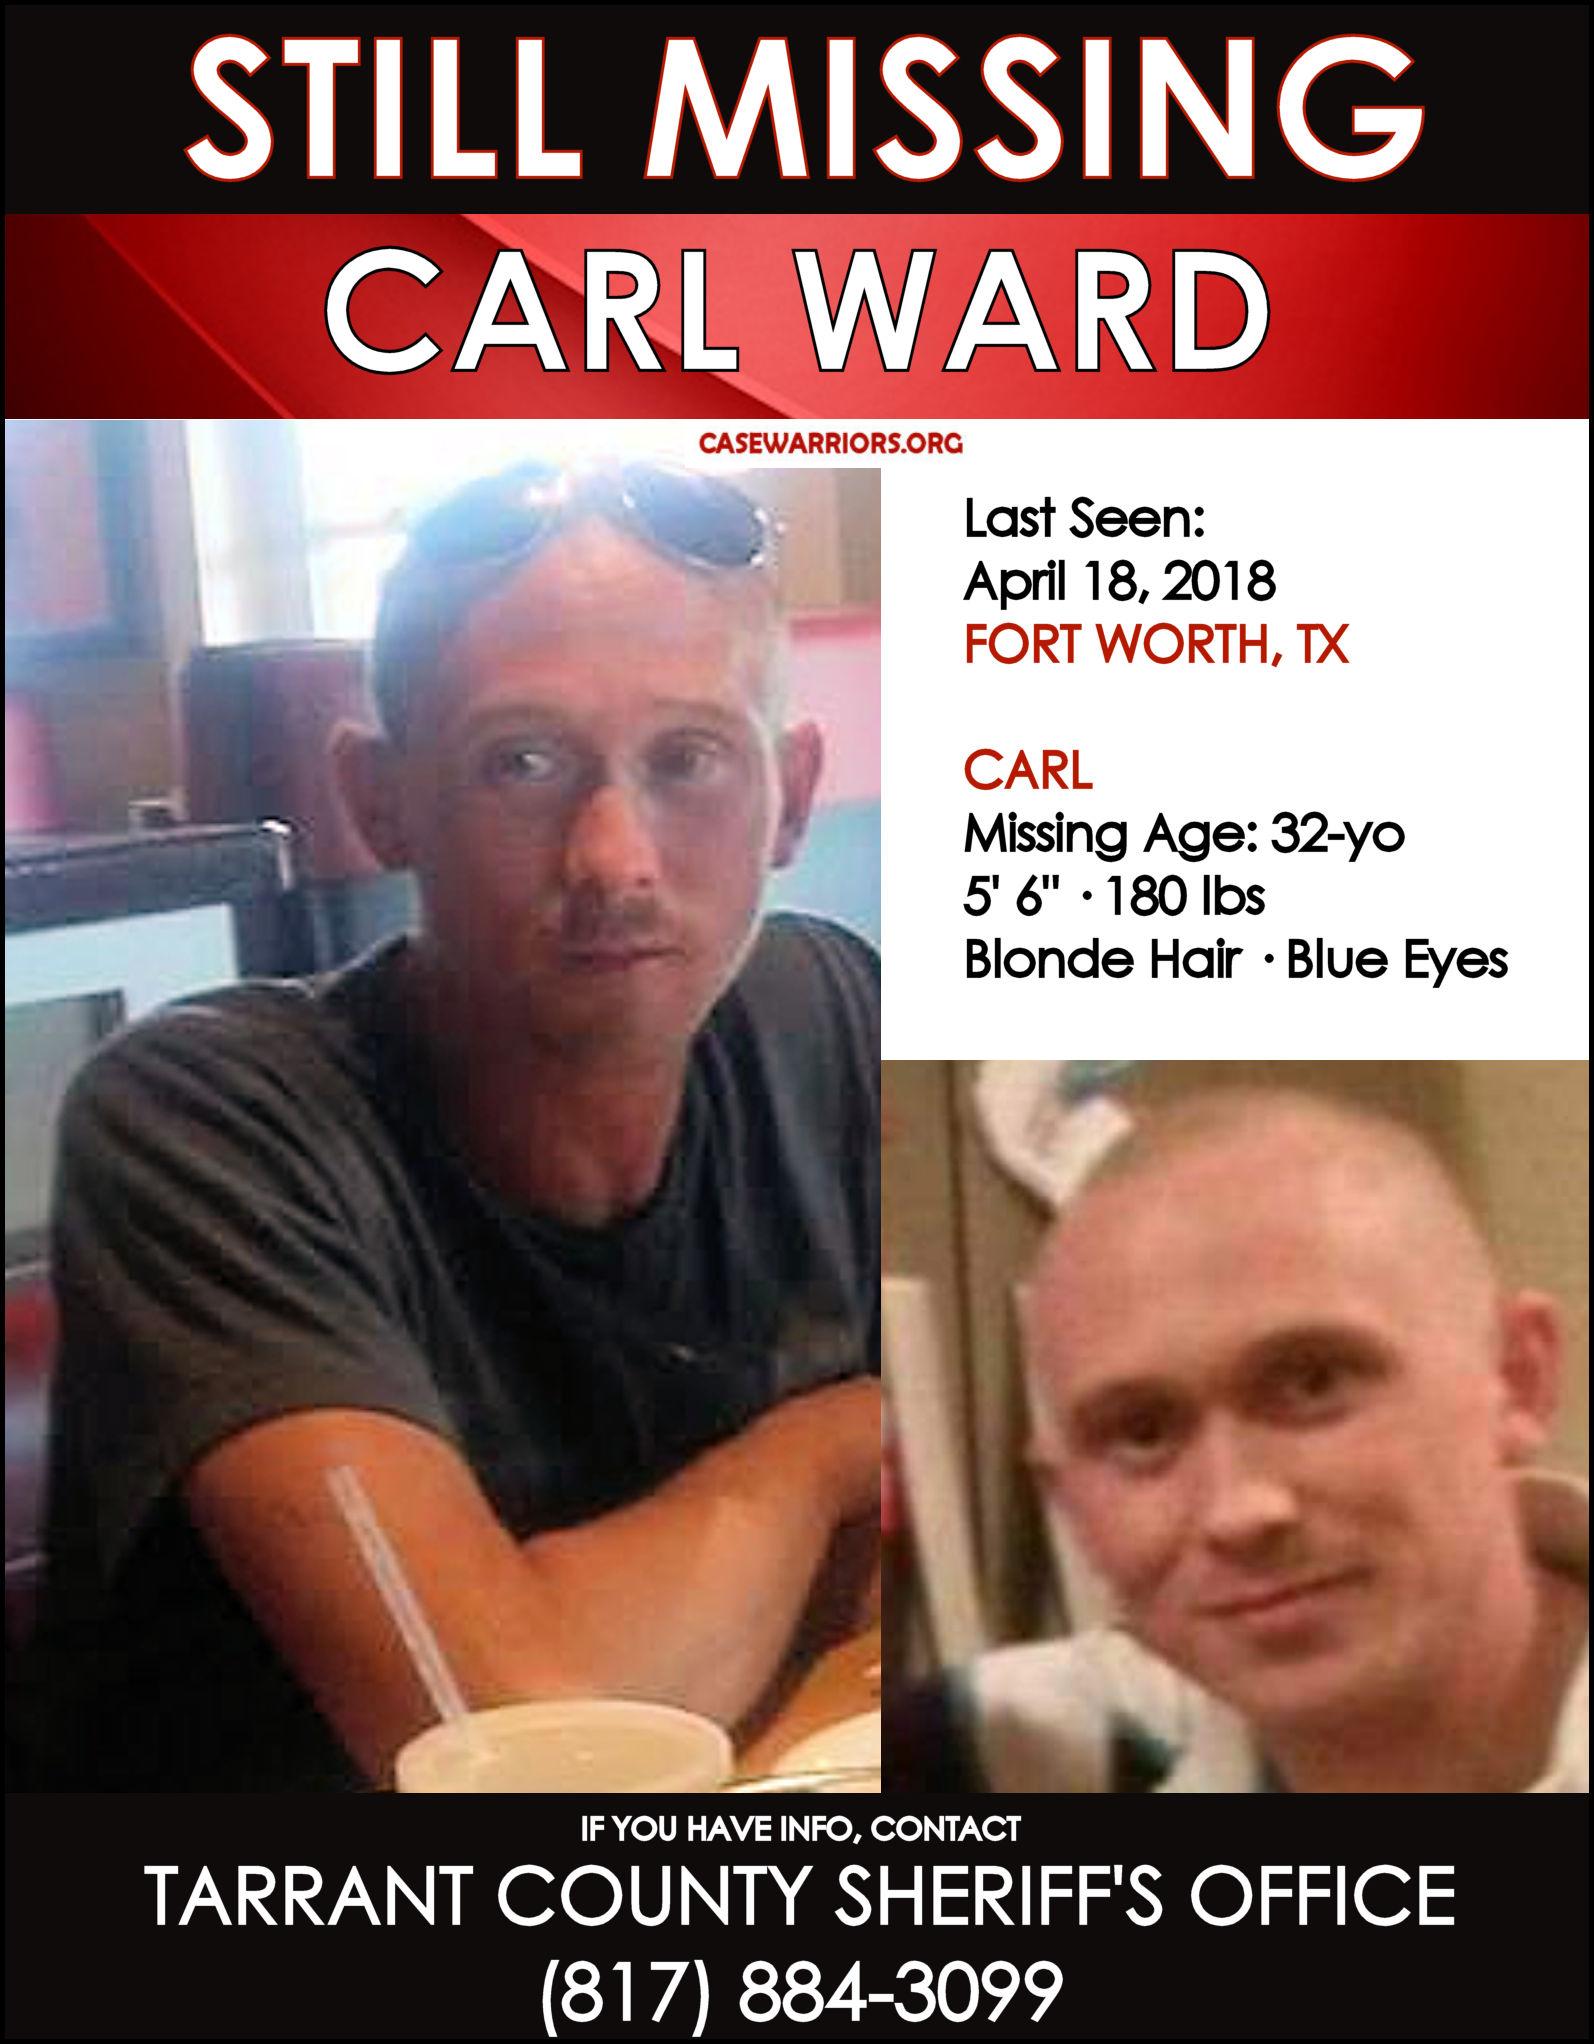 CARL WARD